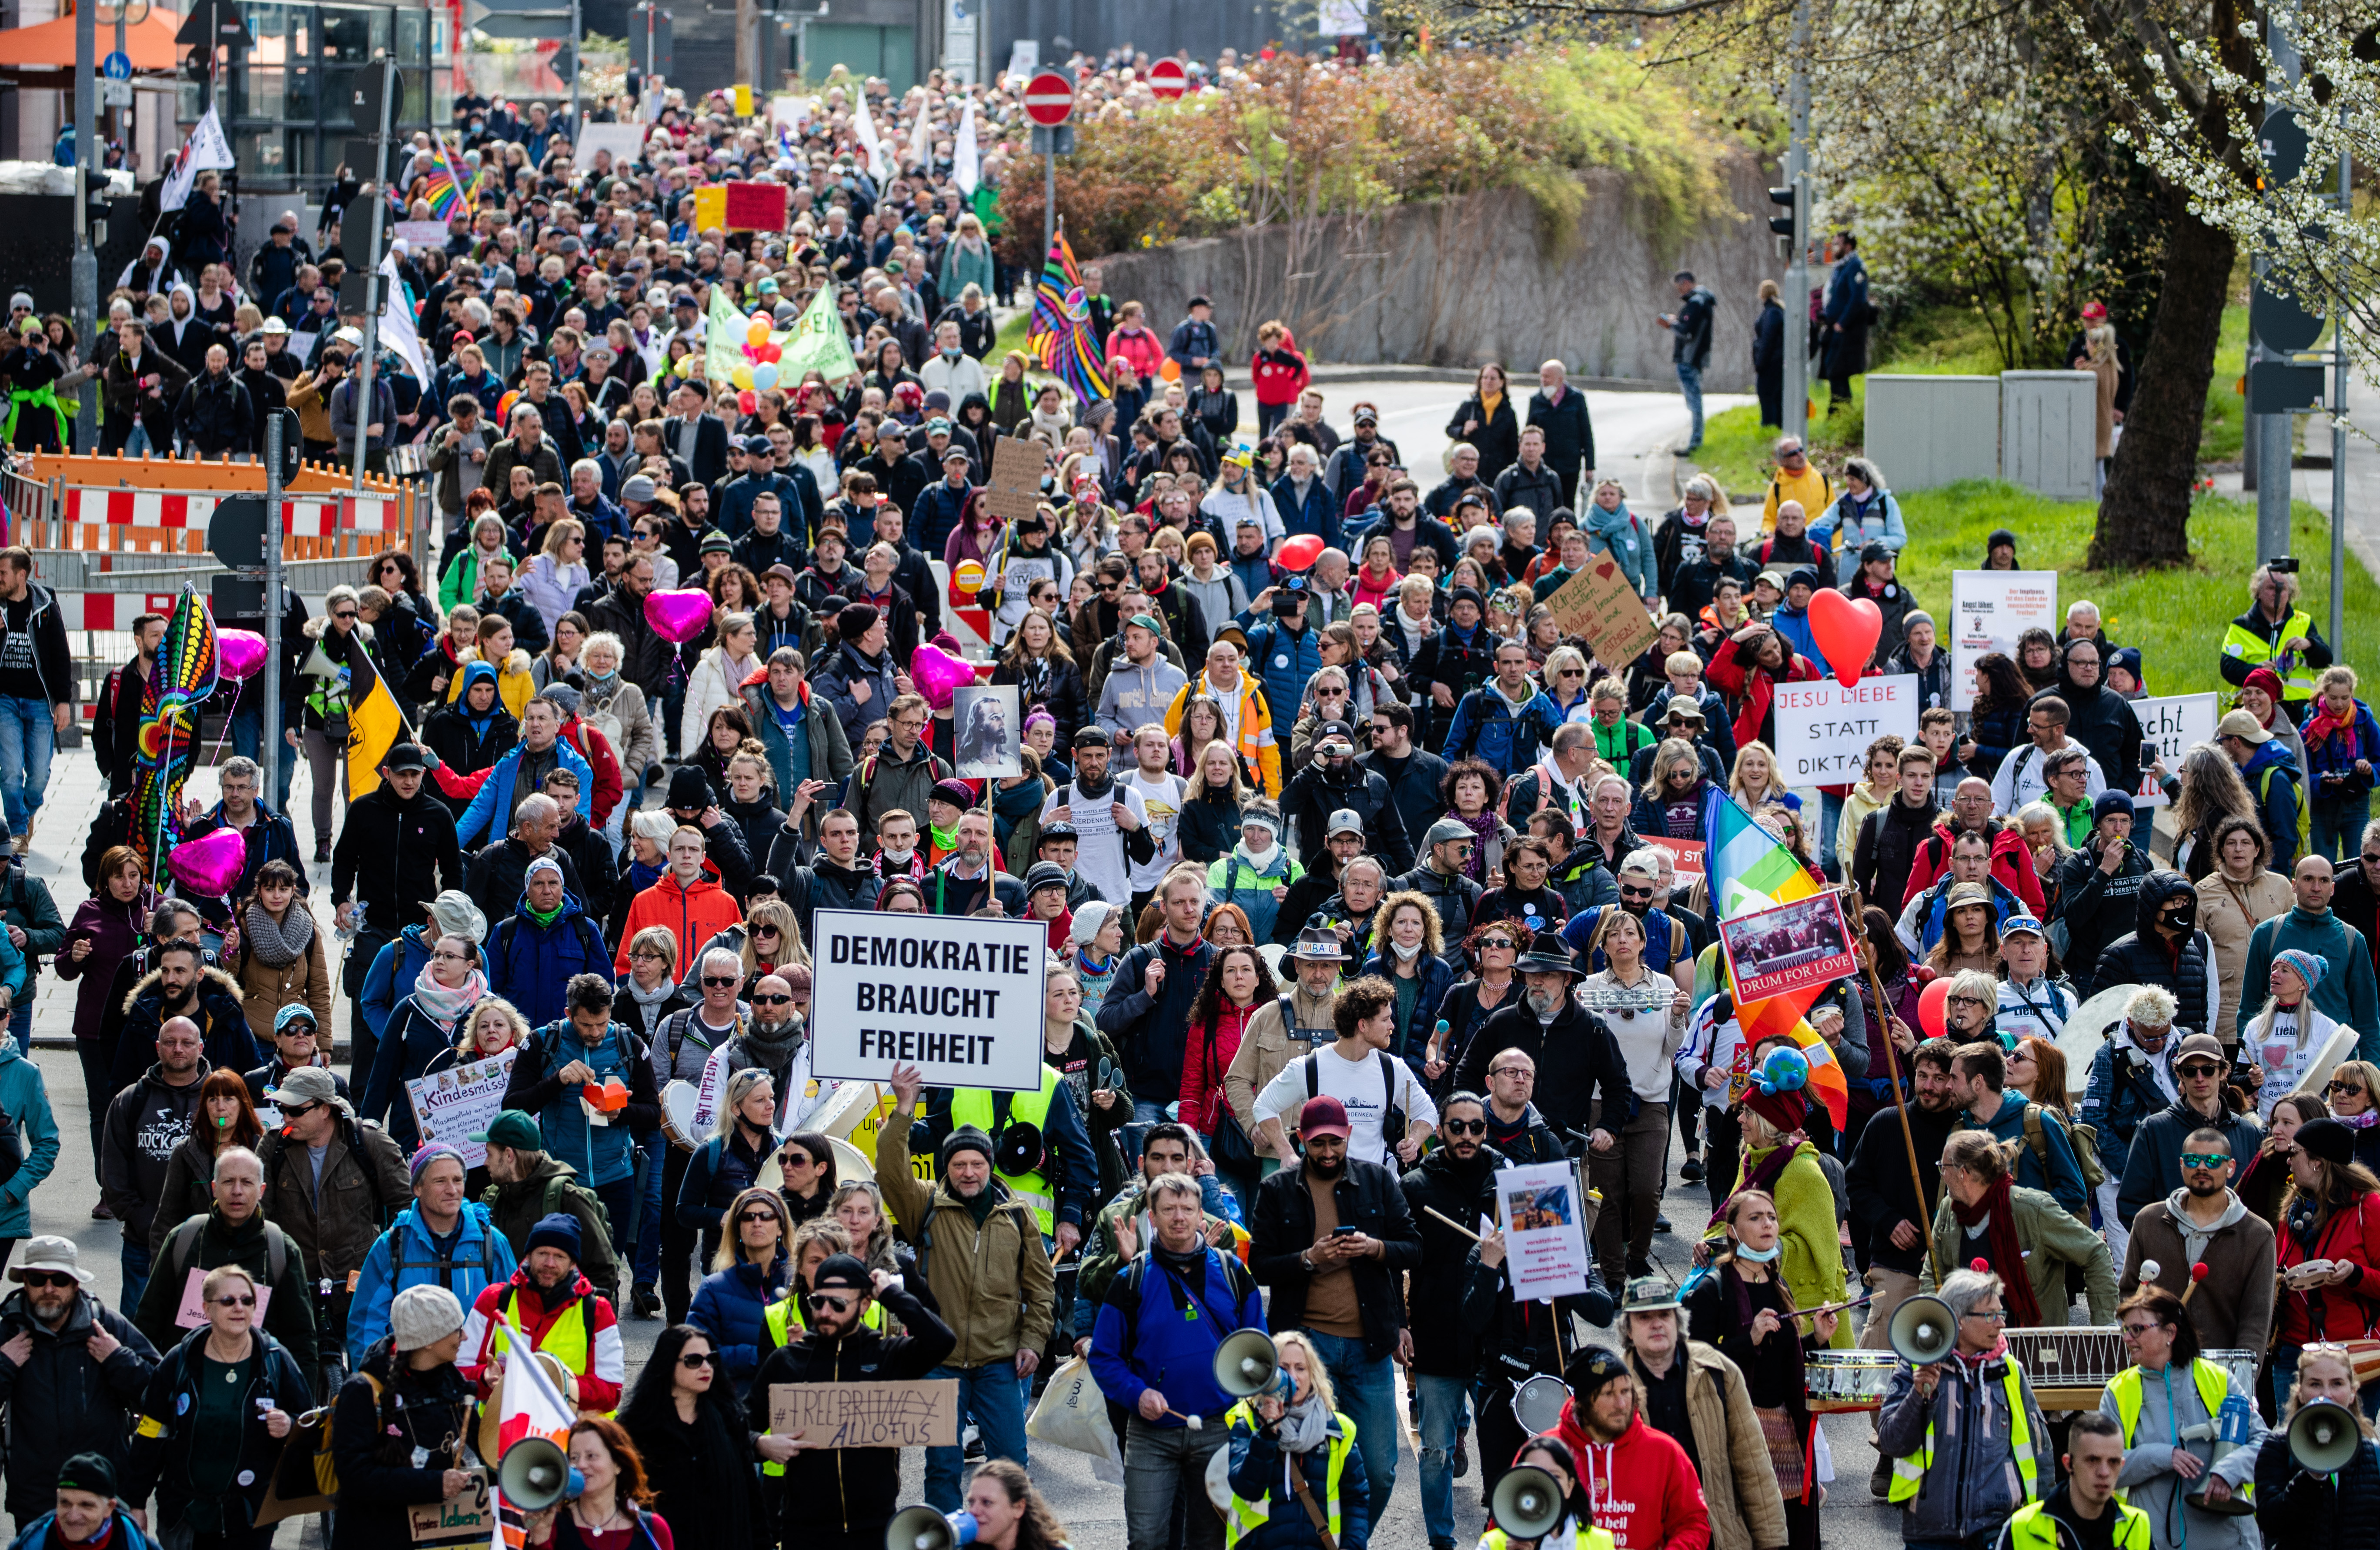 Több mint tízezren tiltakoztak a járványügyi korlátozások ellen Stuttgartban